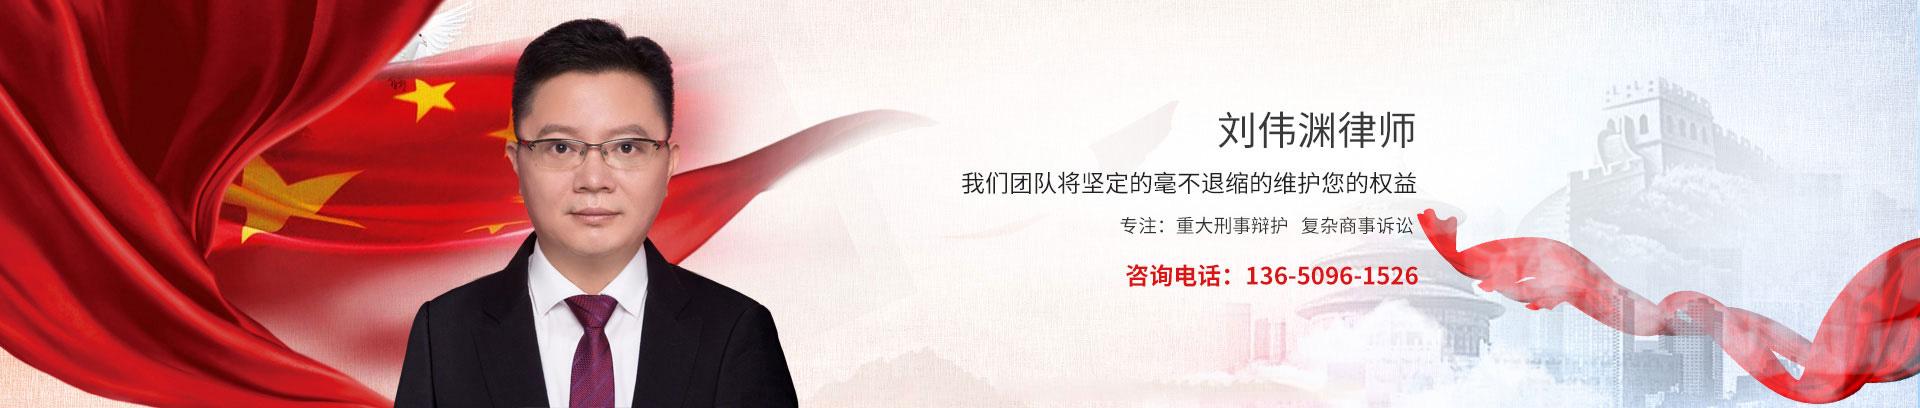 广东刘伟渊律师